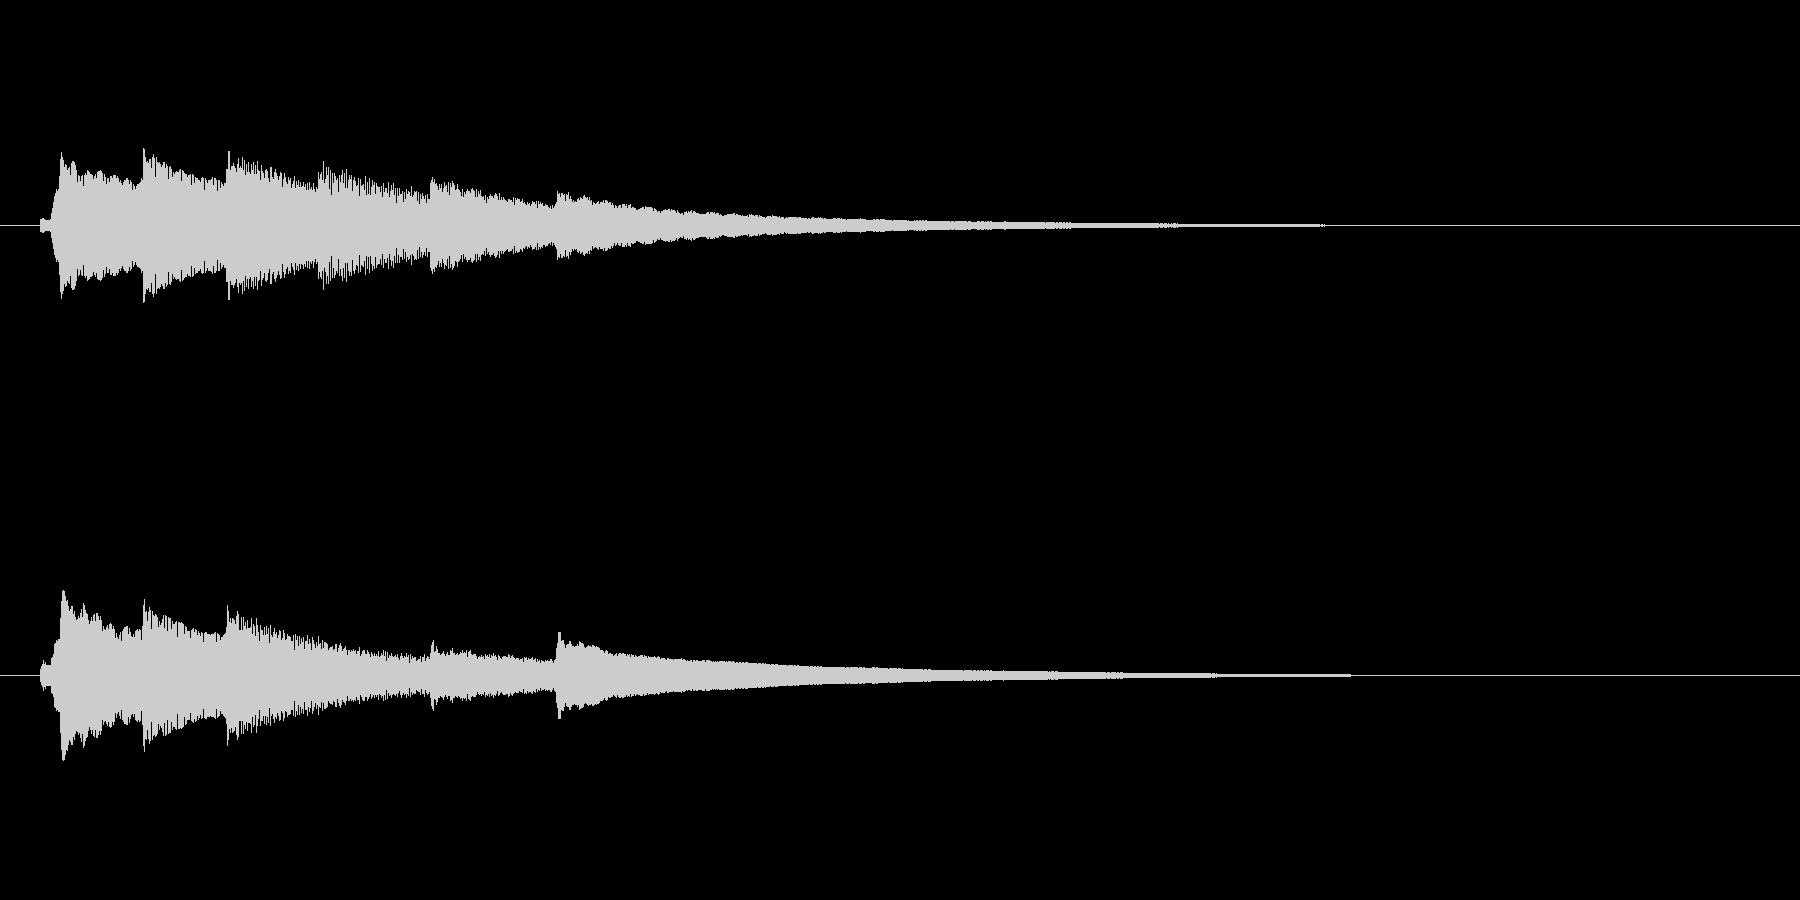 オルゴールのアイキャッチ(明るい)の未再生の波形